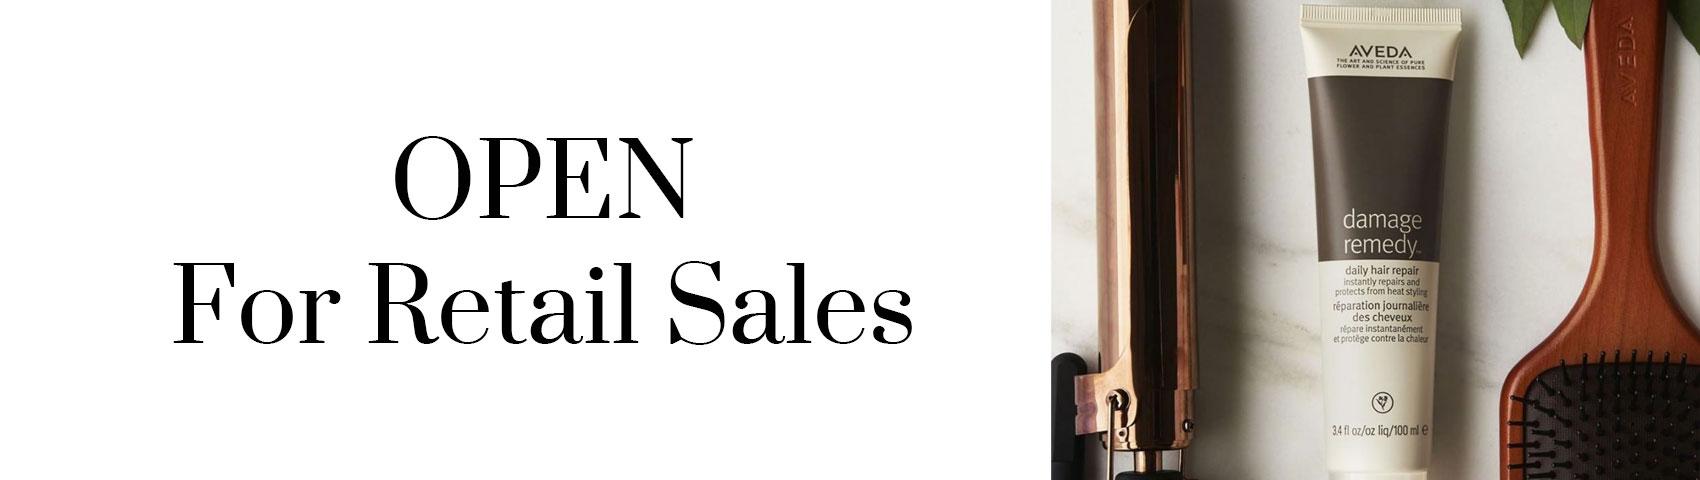 OPEN For Retail Sales inner banner 2